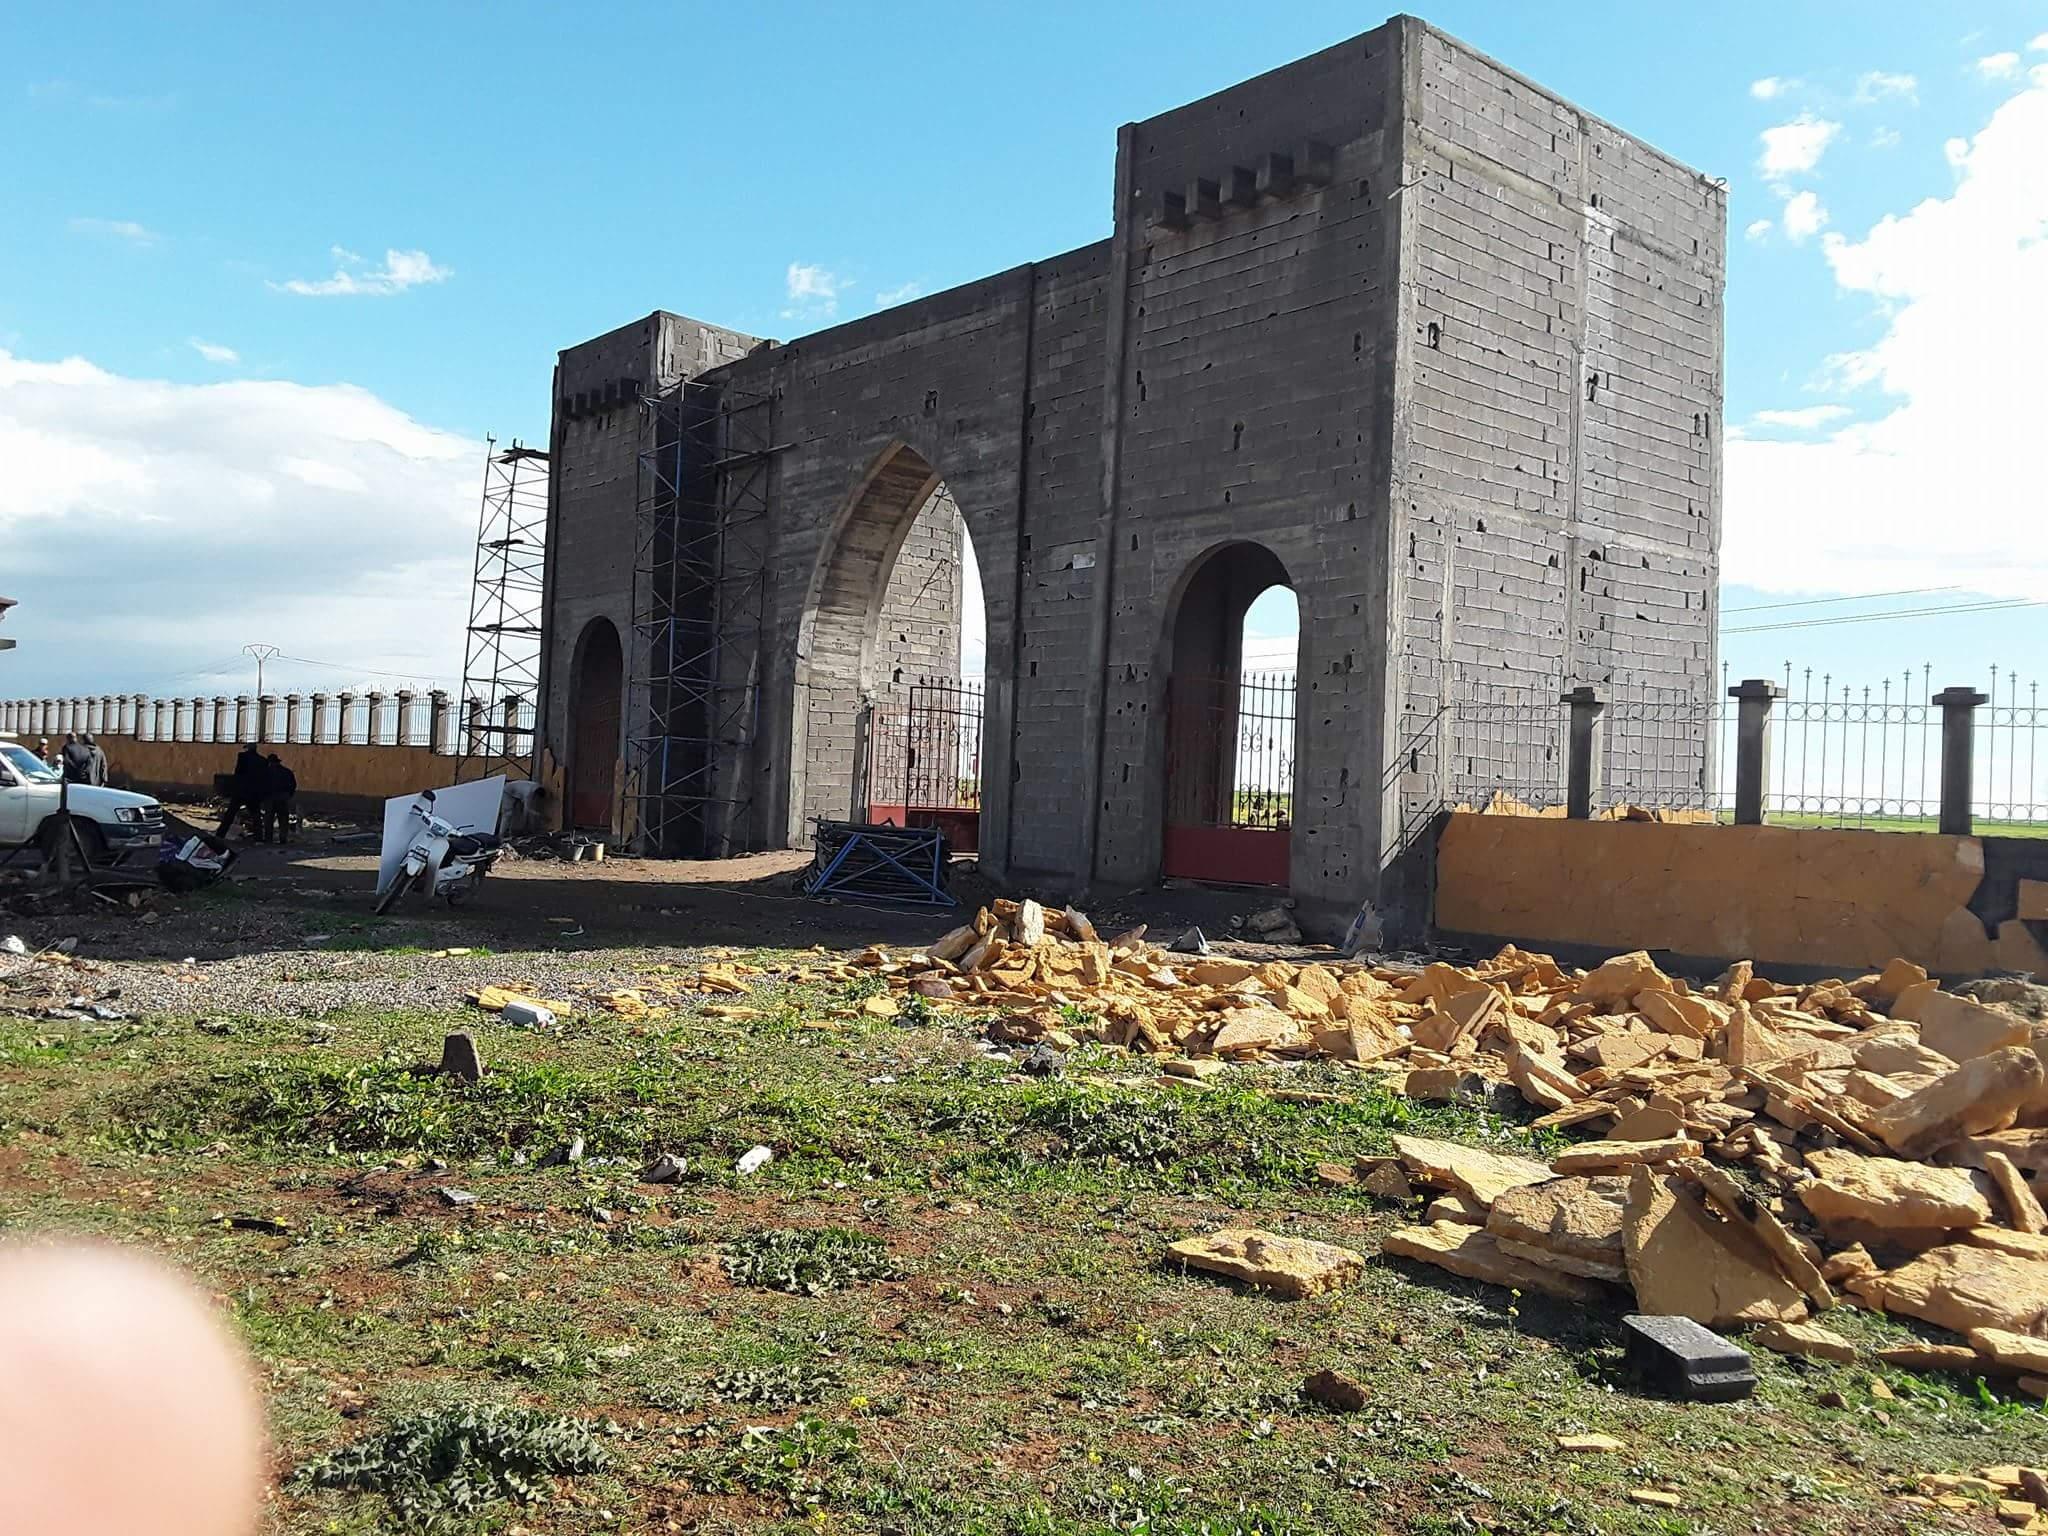 بداية دفن أموات الجديدة في المقبرة الإقليمية ''الريان'' بمولاي عبدالله مطلع مارس القادم